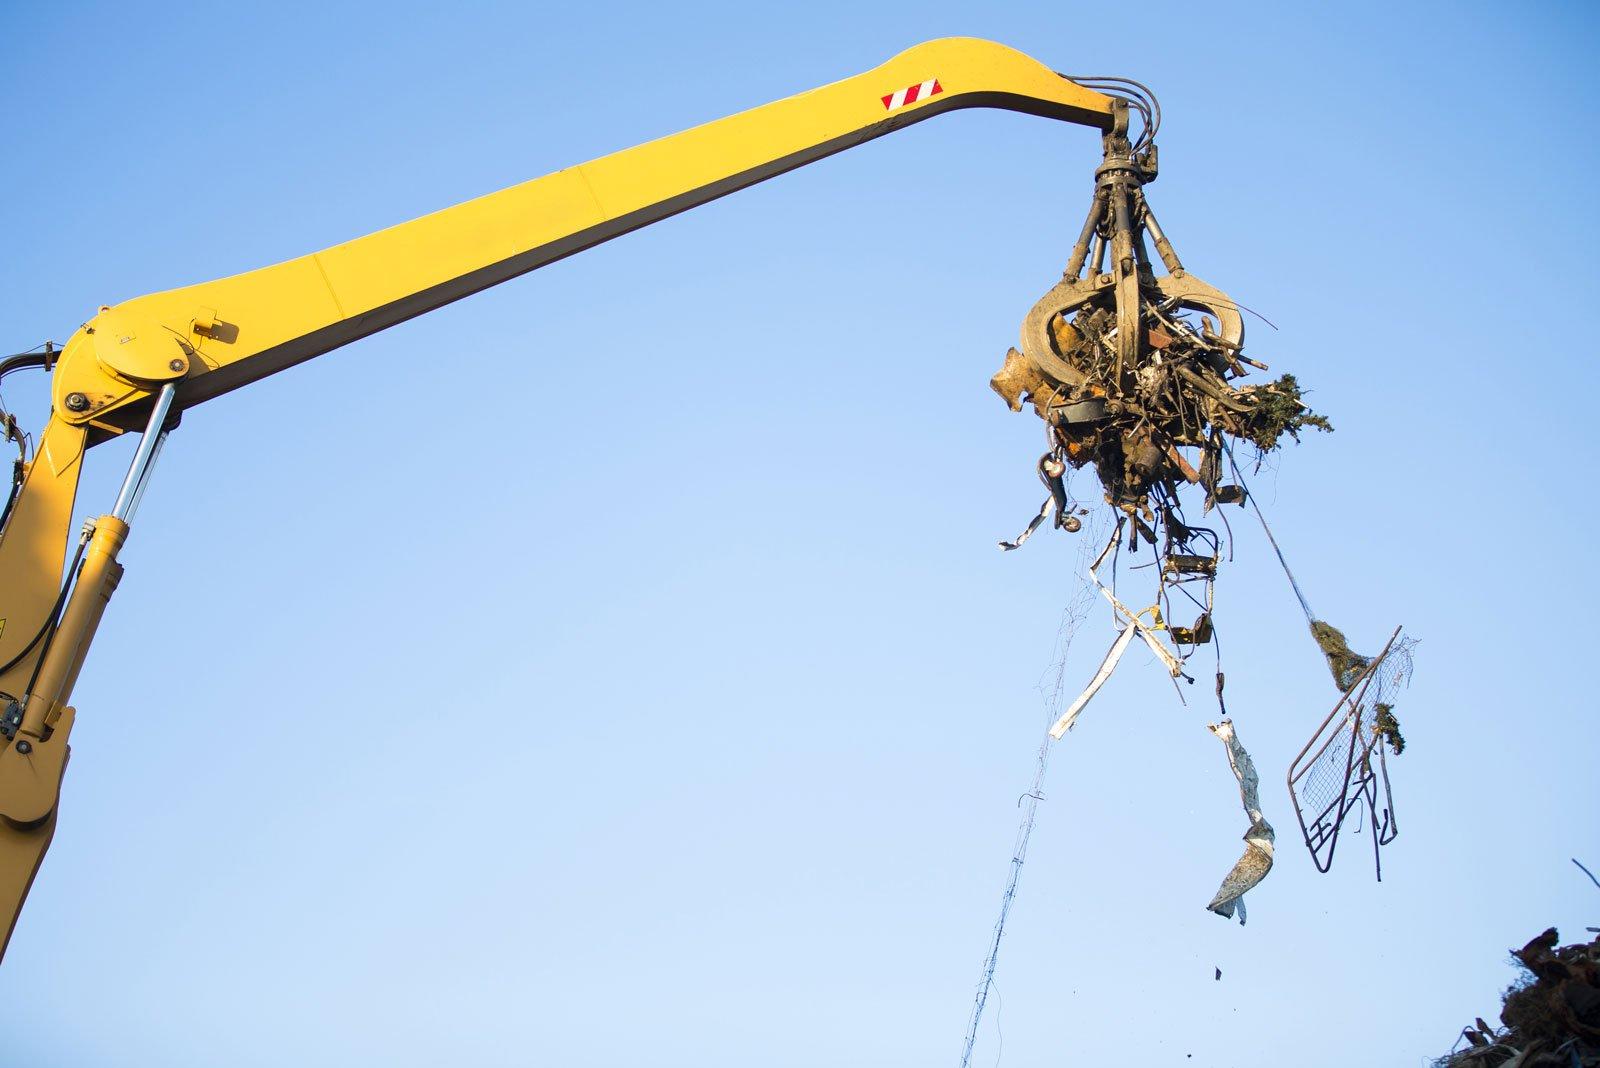 grabber-crane